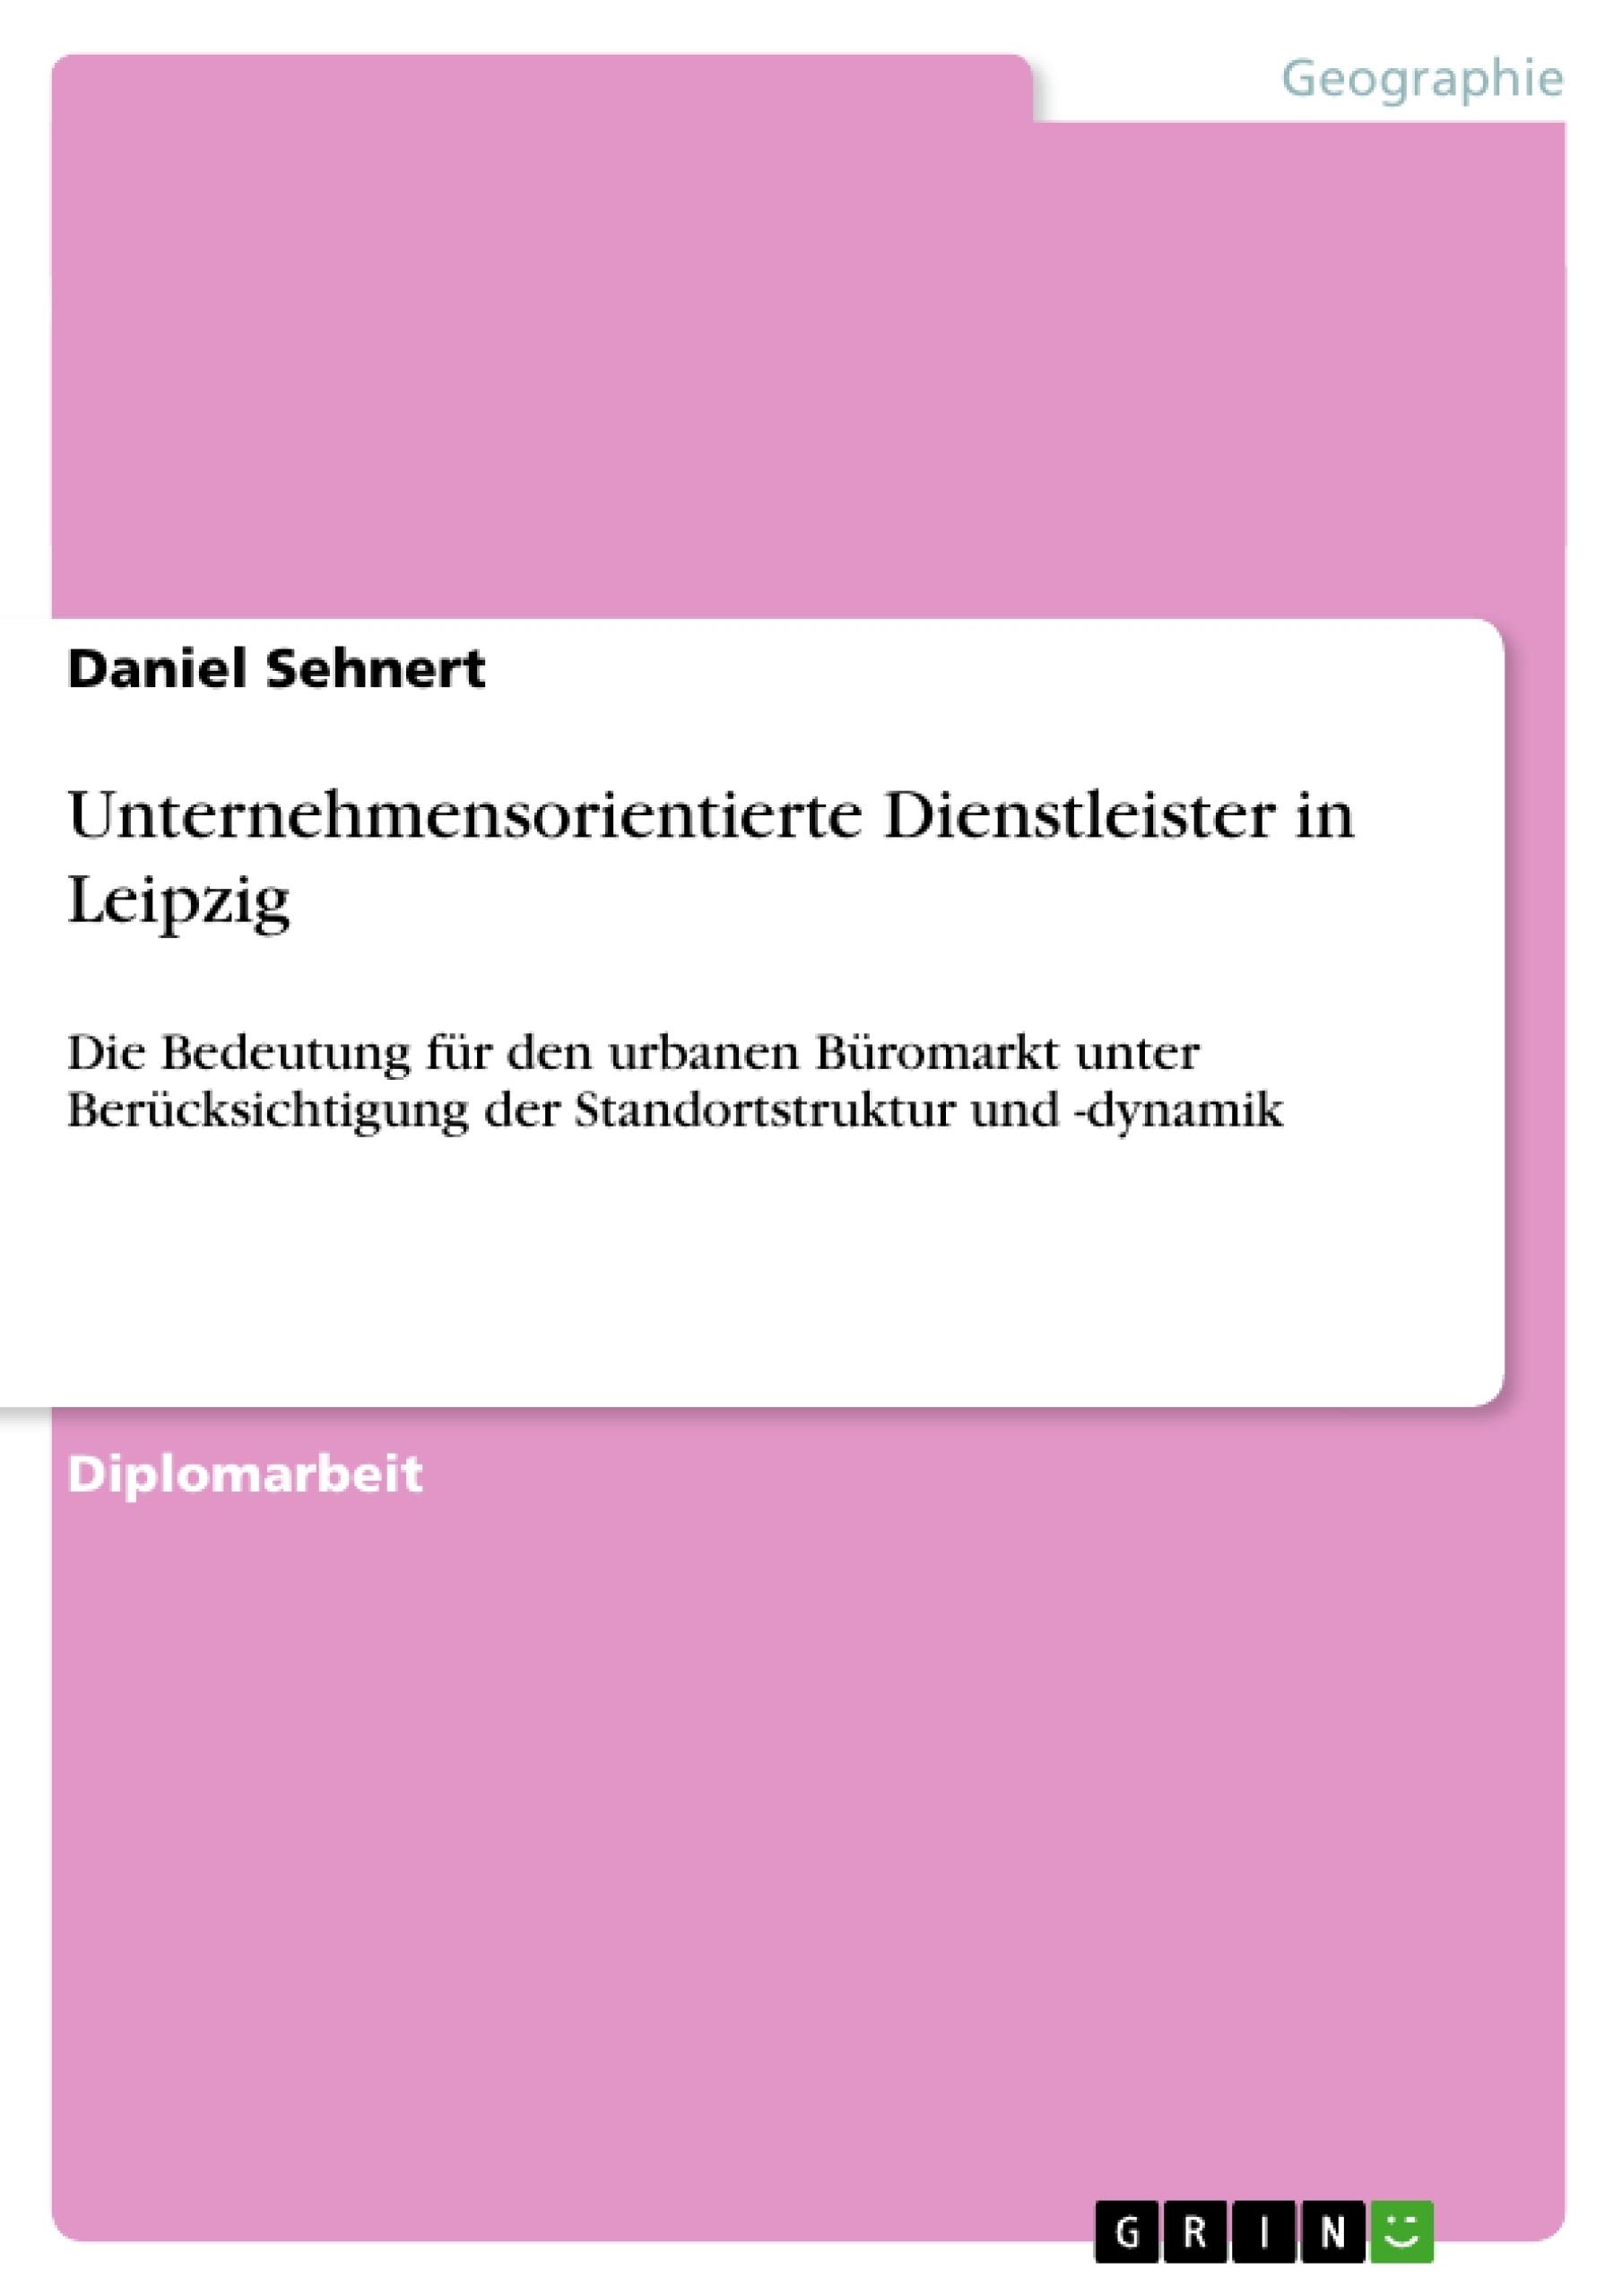 Titel: Unternehmensorientierte Dienstleister in Leipzig